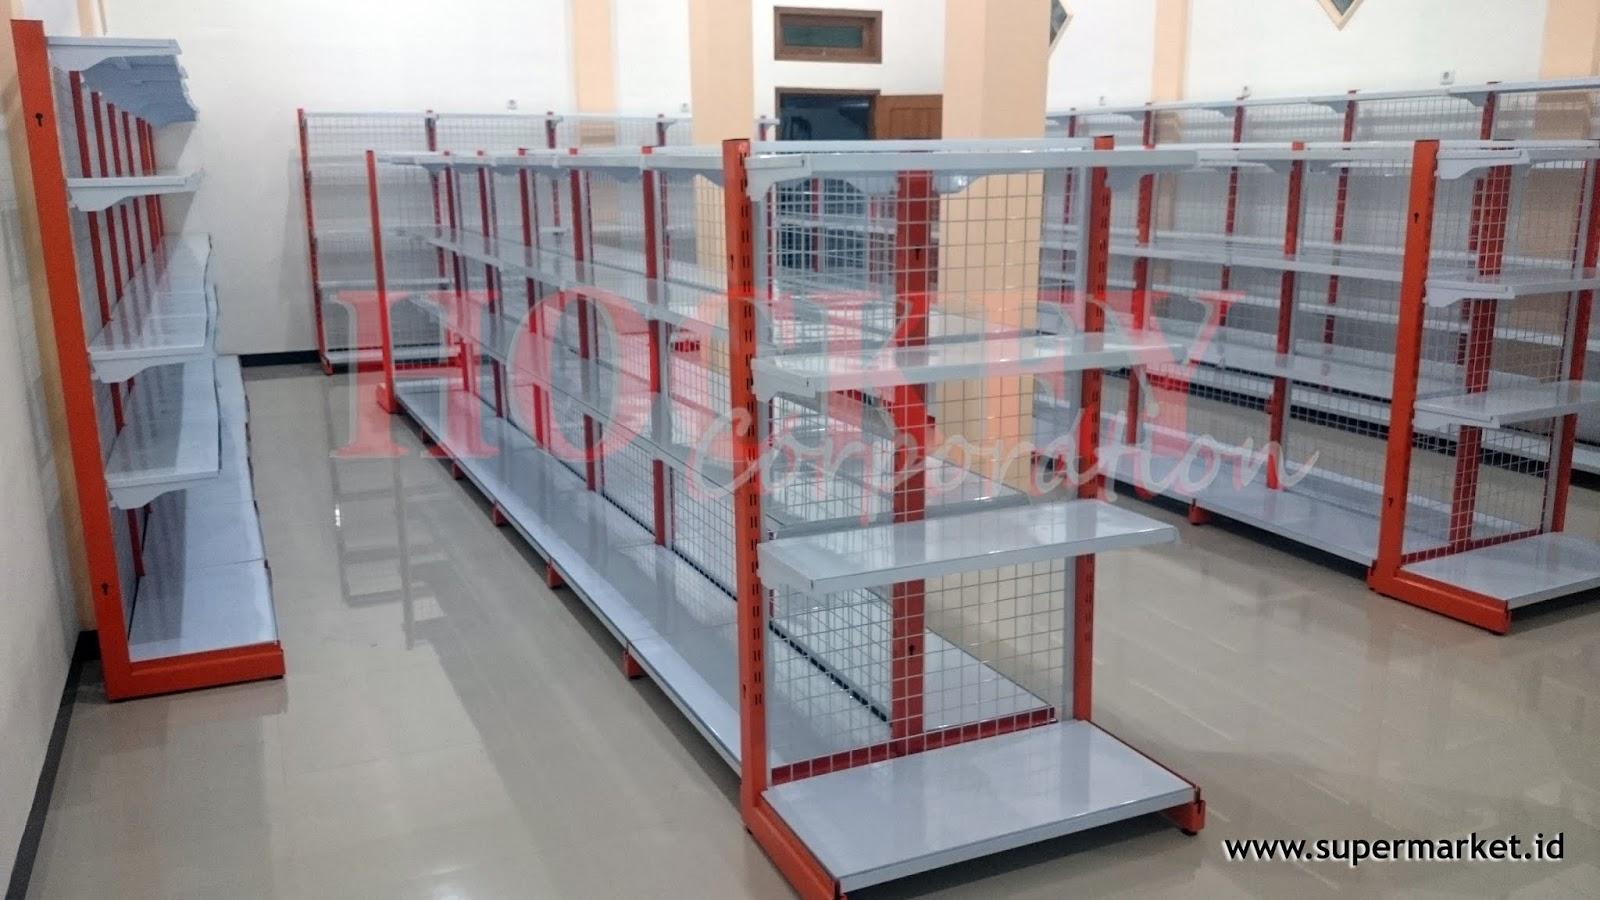 rak supermarket,rak toko,rak minimarket,meja kasir,mesin kasir